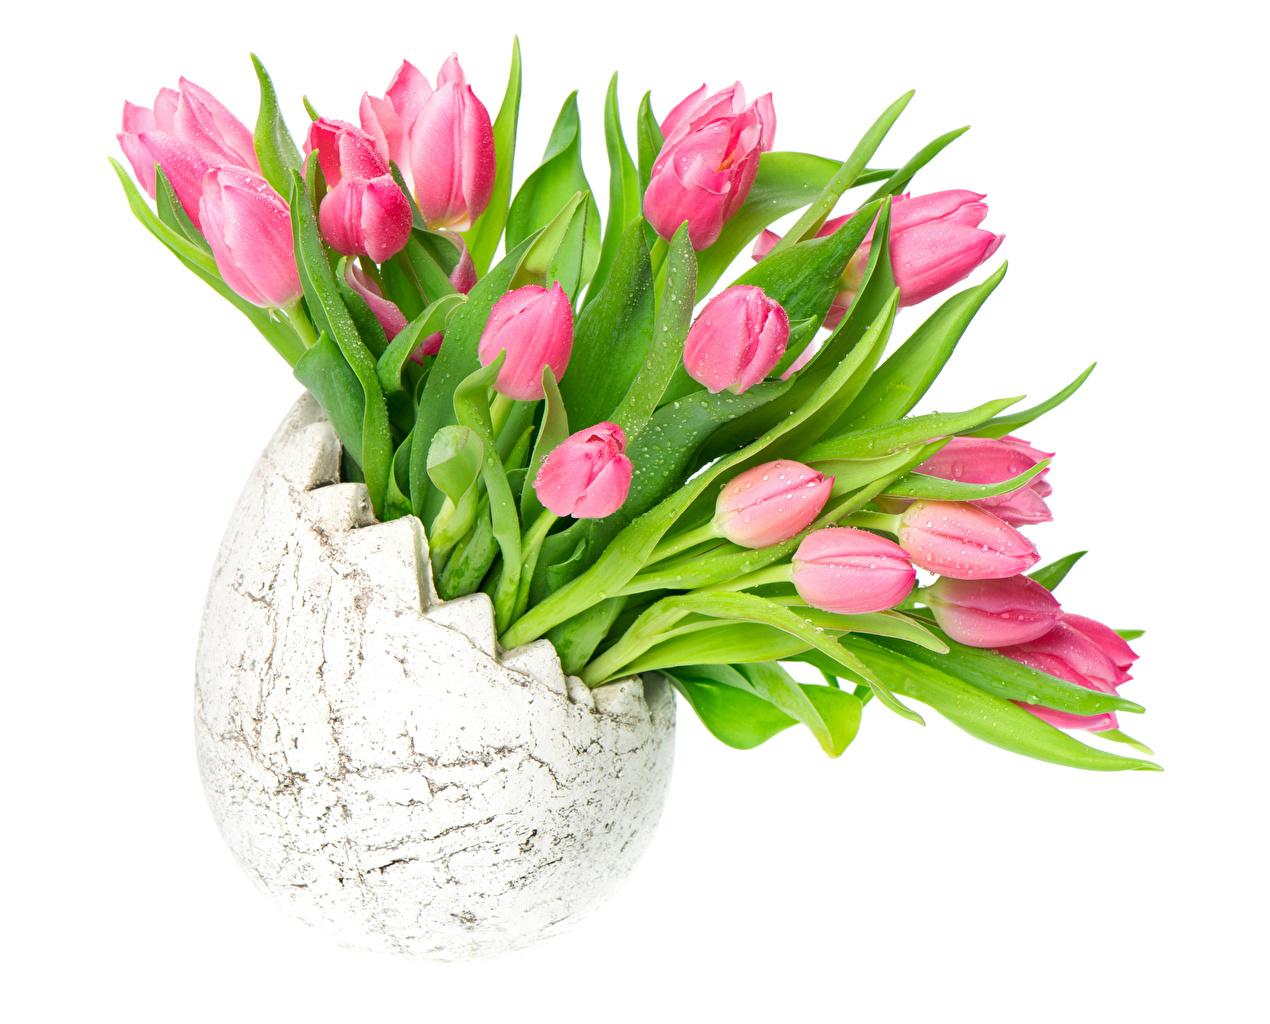 Картинка розовые Тюльпаны Цветы Ваза Белый фон розовых Розовый розовая тюльпан цветок вазы вазе белом фоне белым фоном